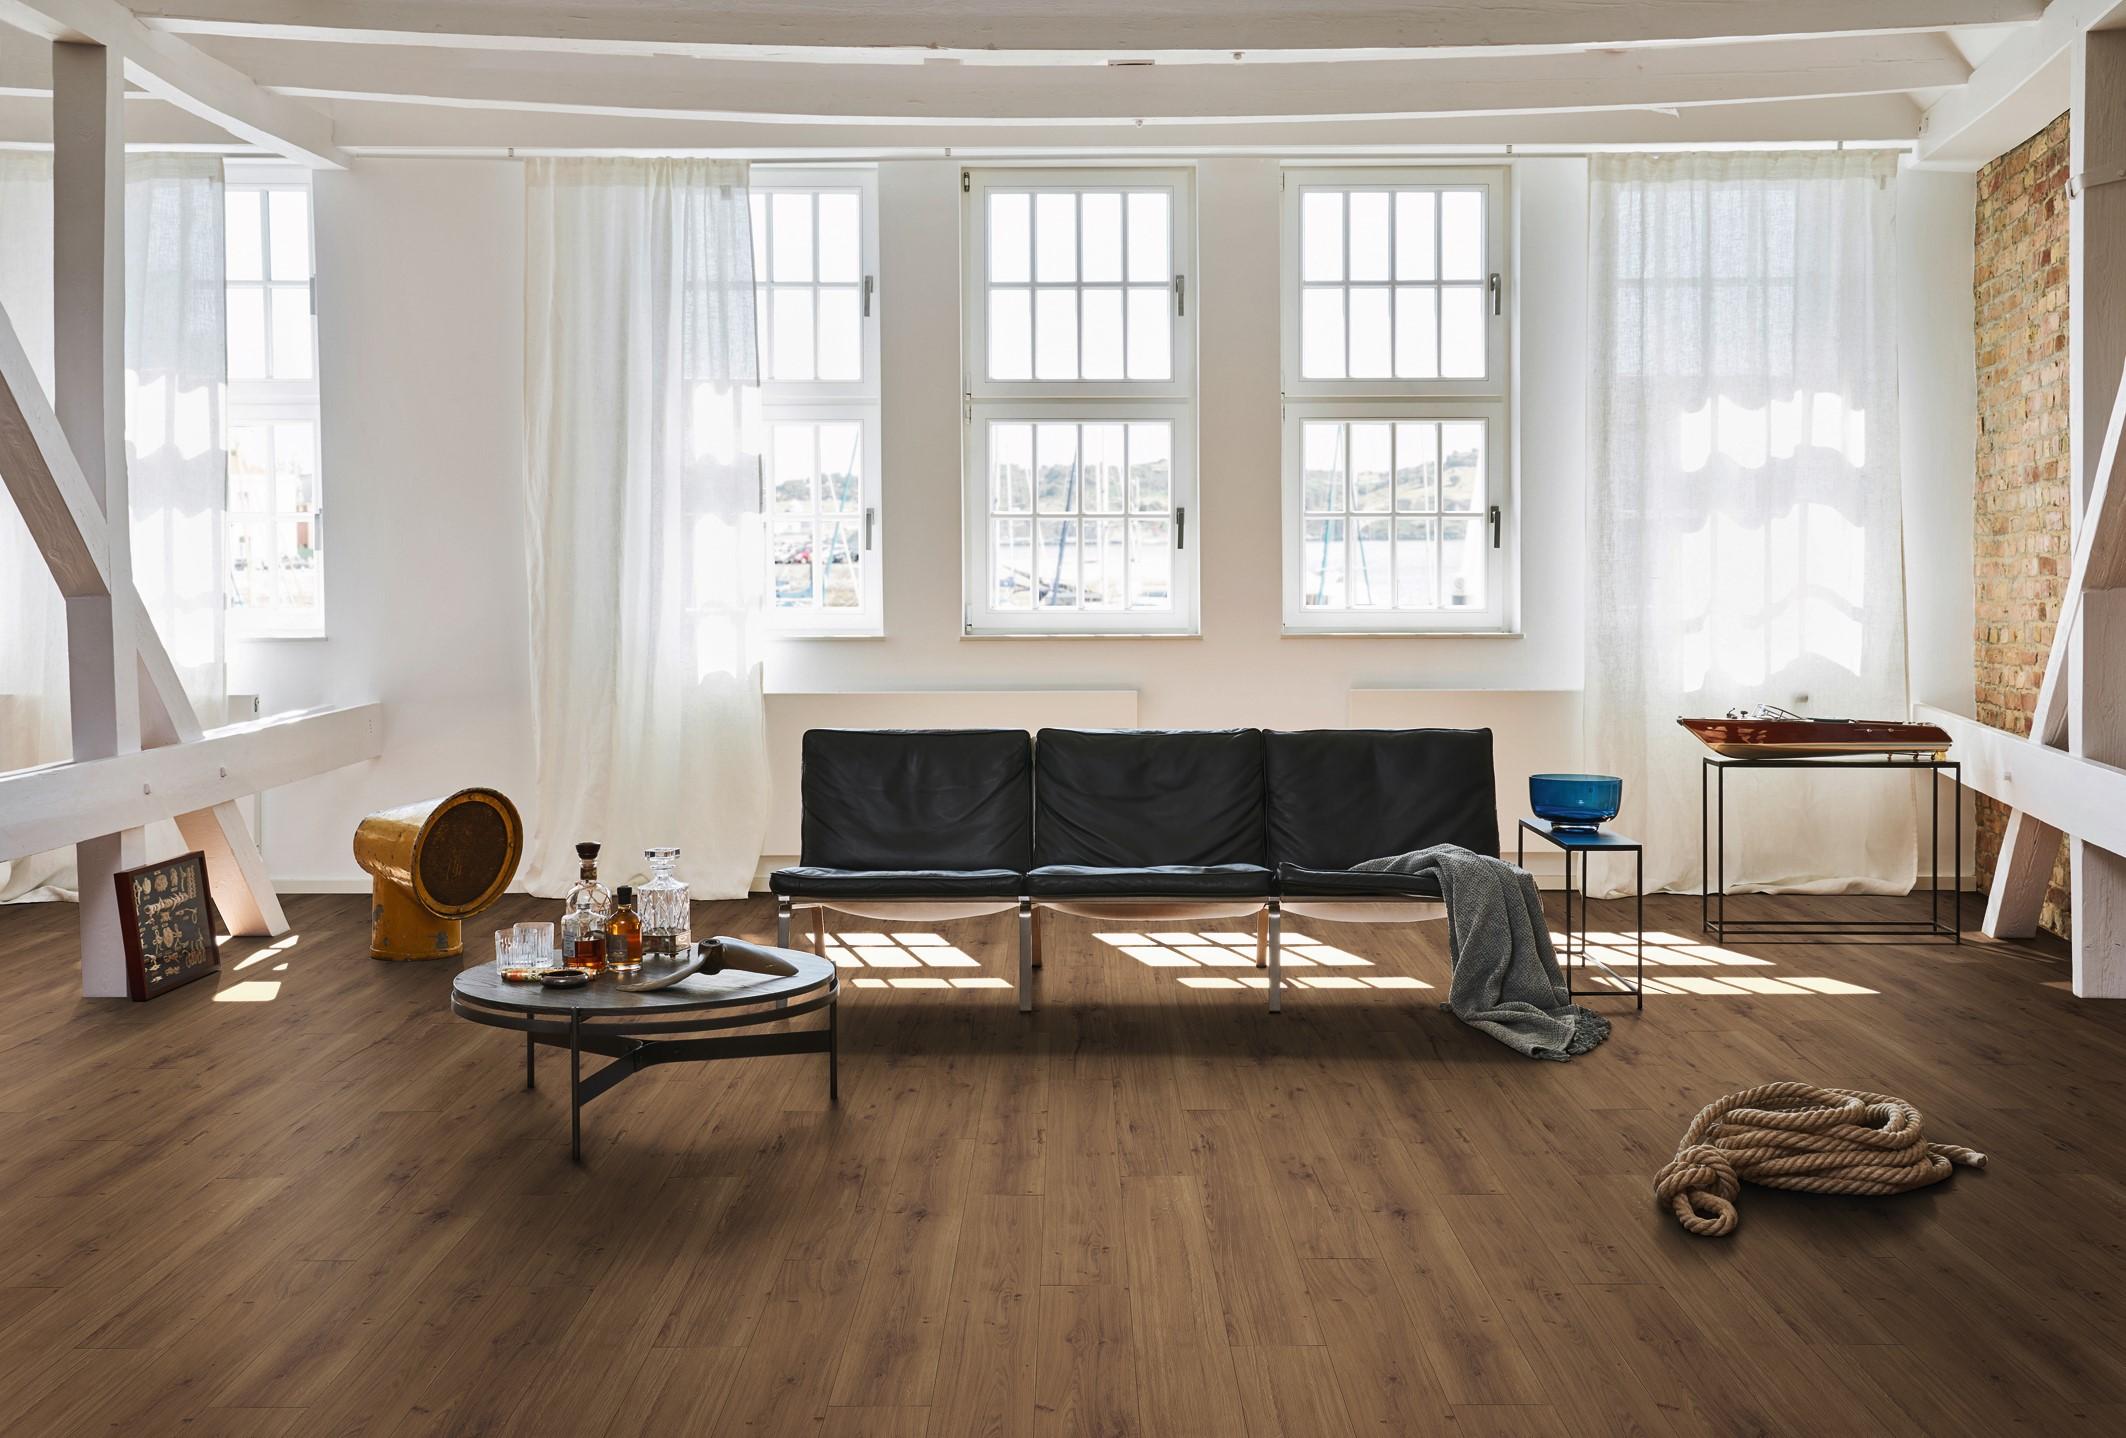 Plancher en bois pour votre salon.